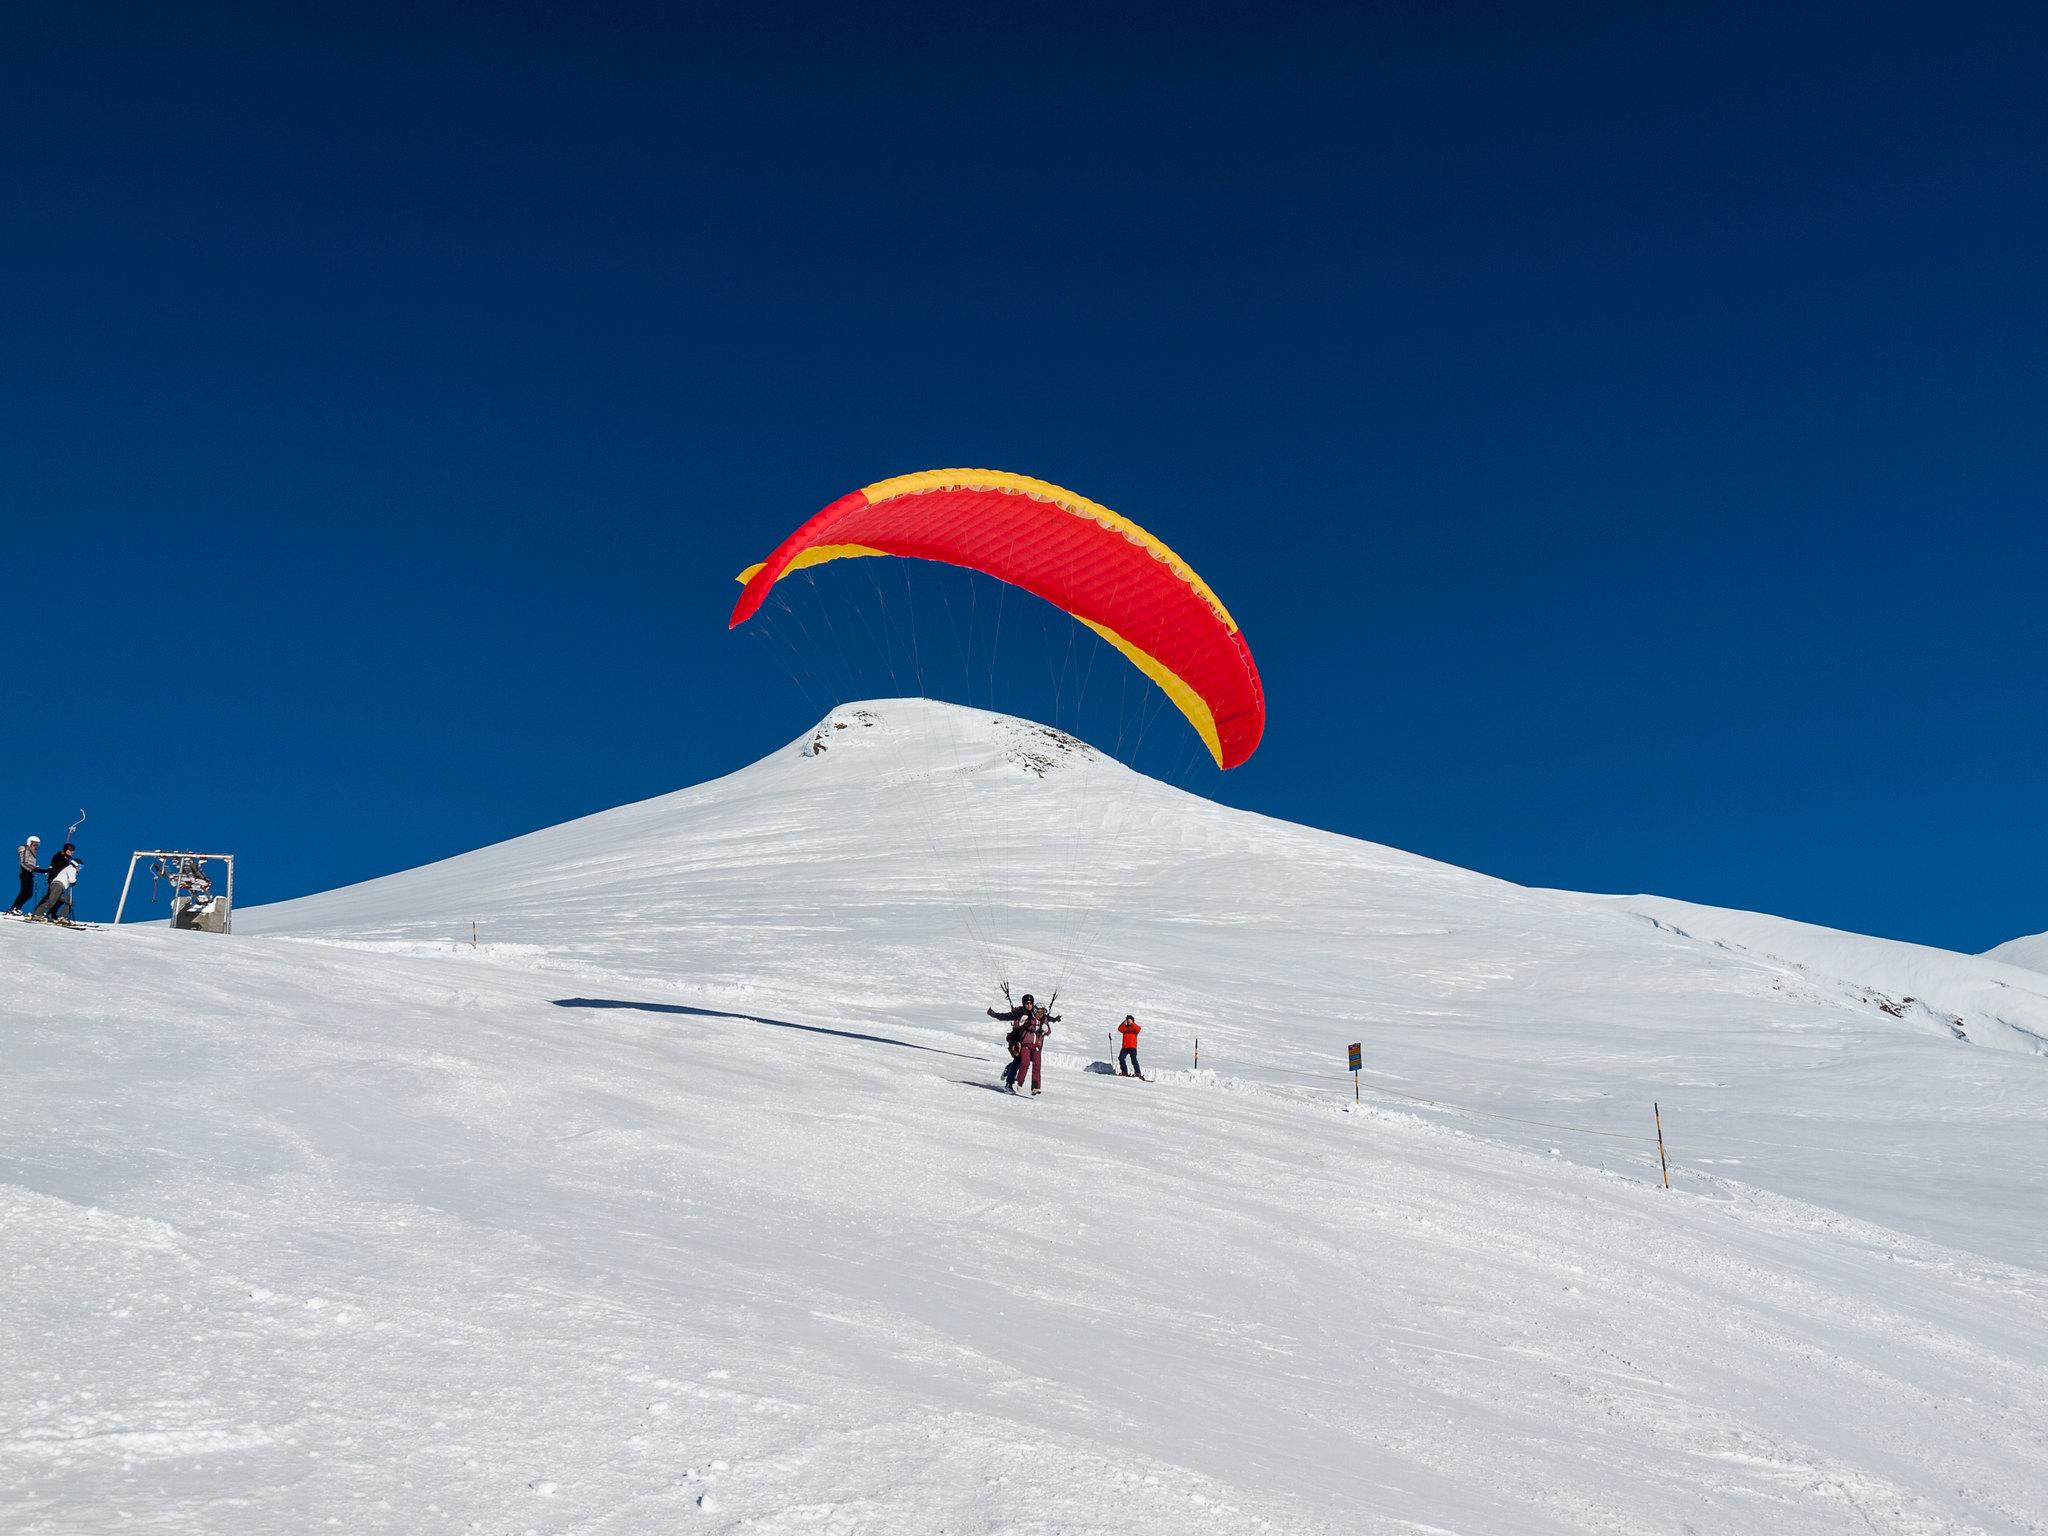 Rosswald Gleitschirmfliegen in Winter ein Erlebnis